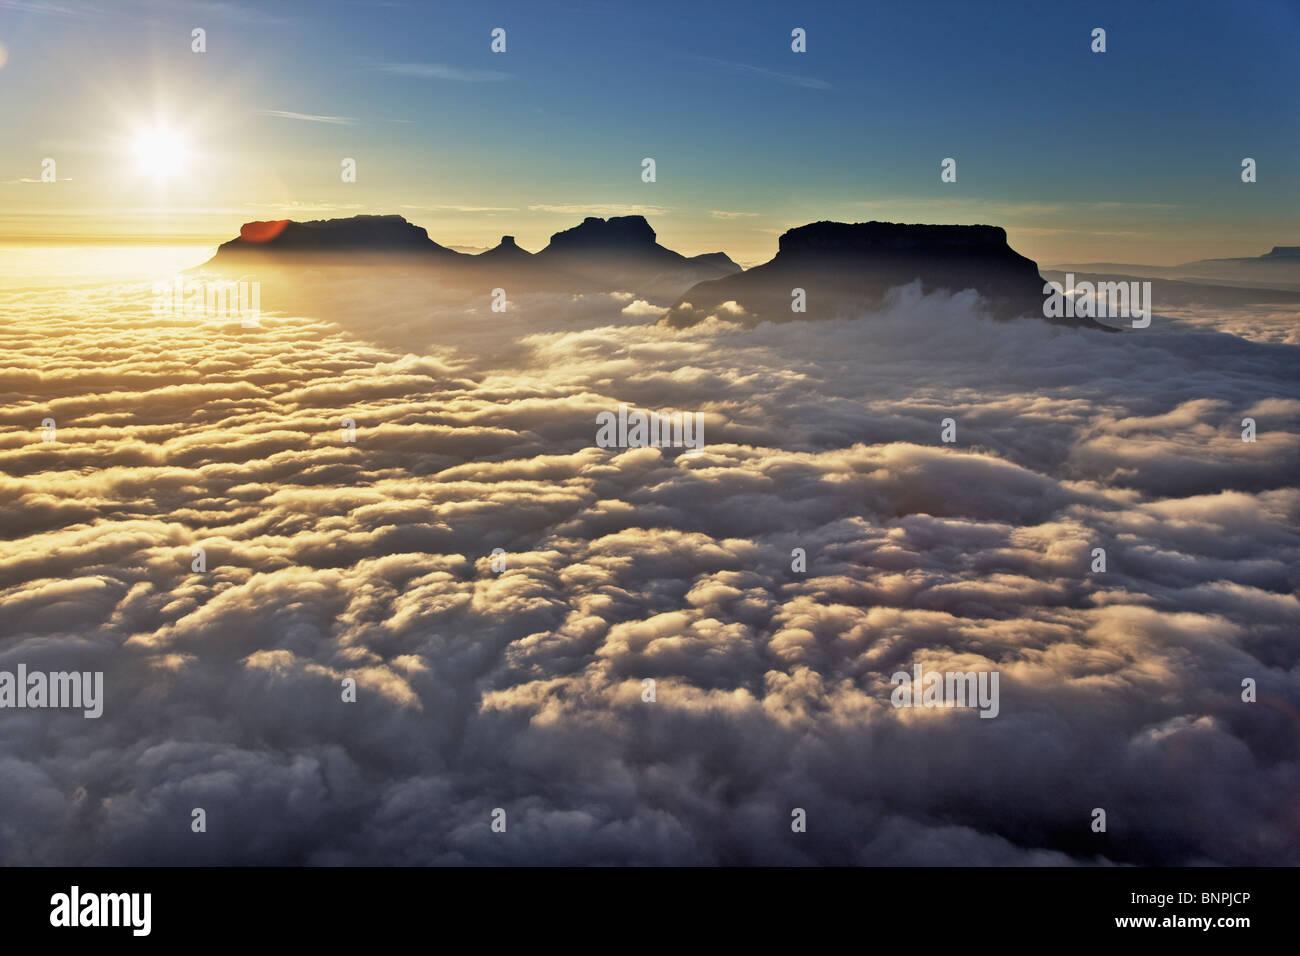 Vista aerea di nuvole turbinano intorno al vertice delle montagne di arenaria o tepui Venezuela Immagini Stock